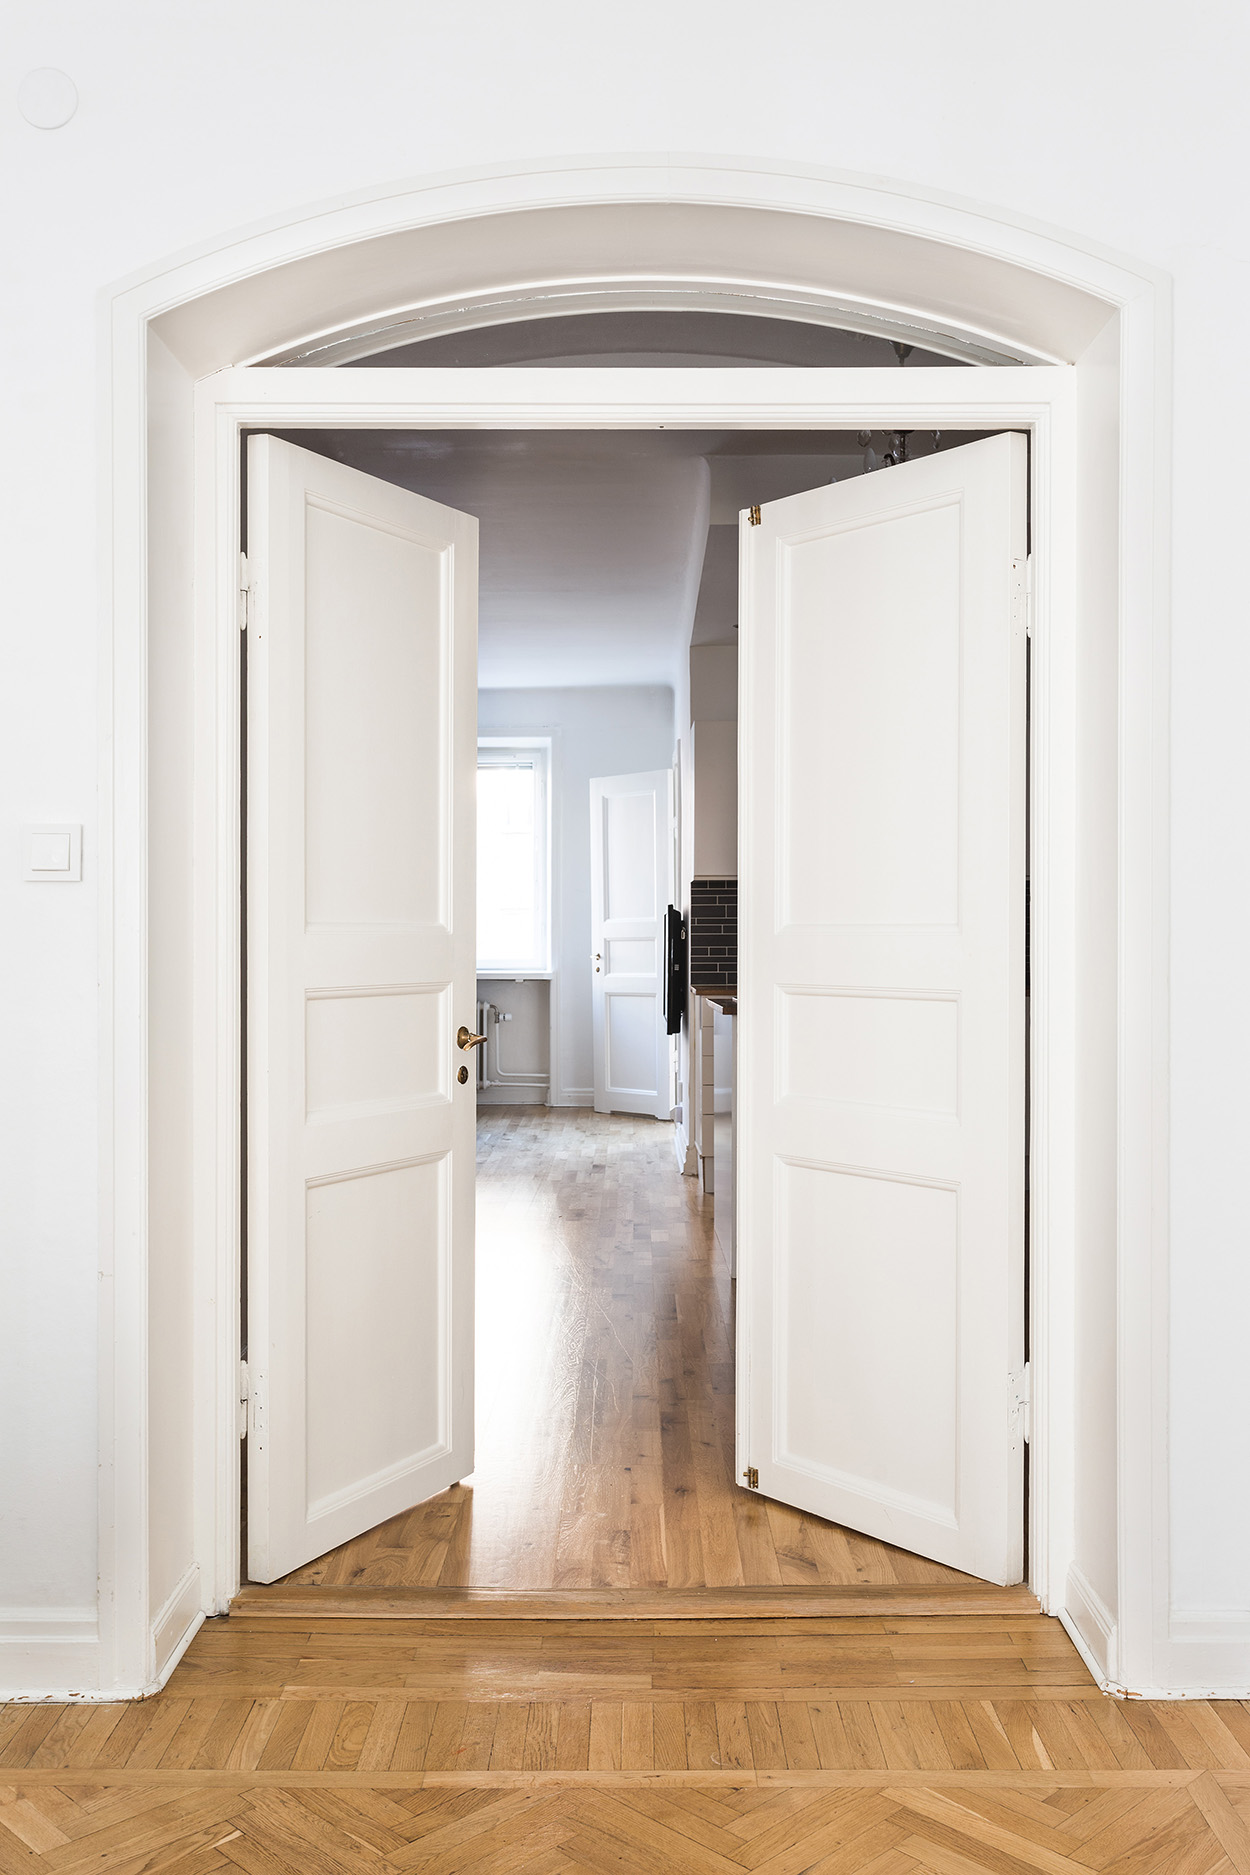 Sågargatan 17 livingroom Fantastic Frank sågargatan doors spegeldörr fiskbensparkett Fantastic Frank & Utvalda/ Selected Interiors 2016 #09 | Fantastic Franks blog